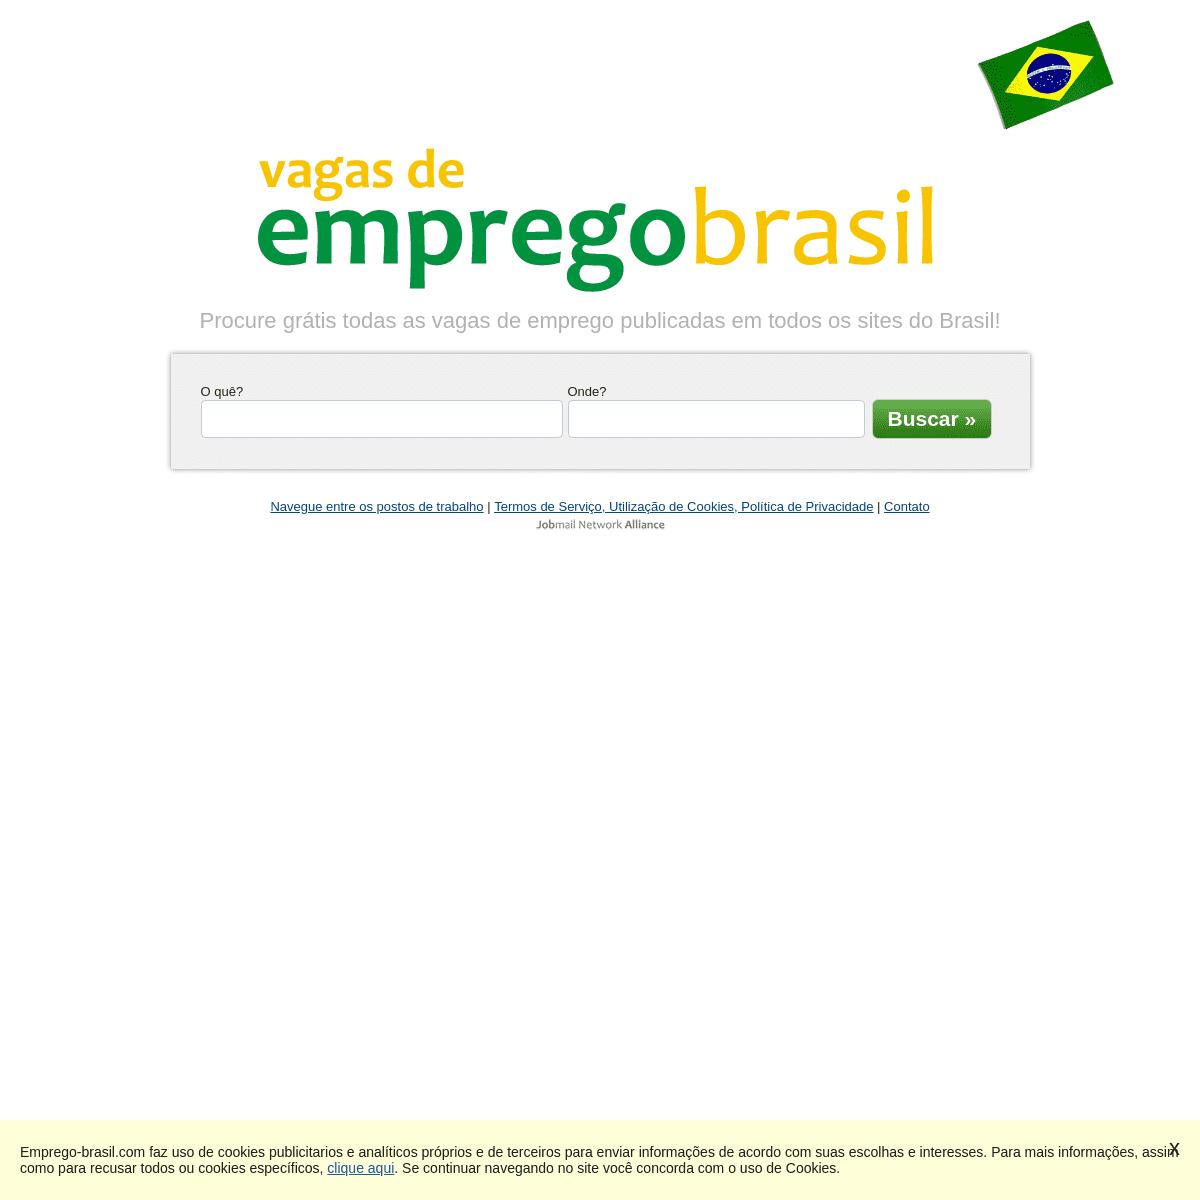 Vagas de Emprego - Emprego-brasil.com